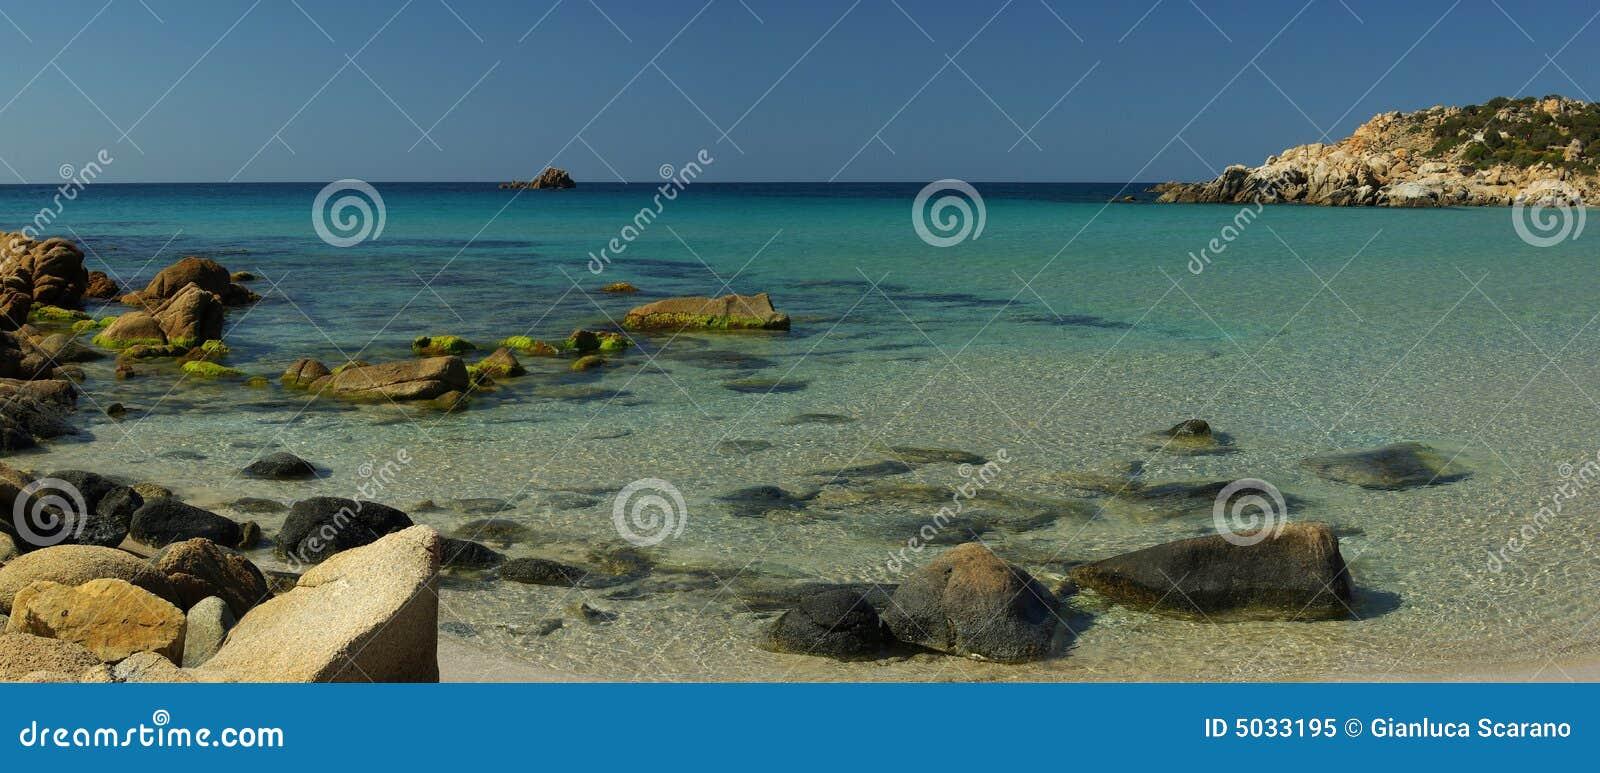 Amazing view - Chia Beach